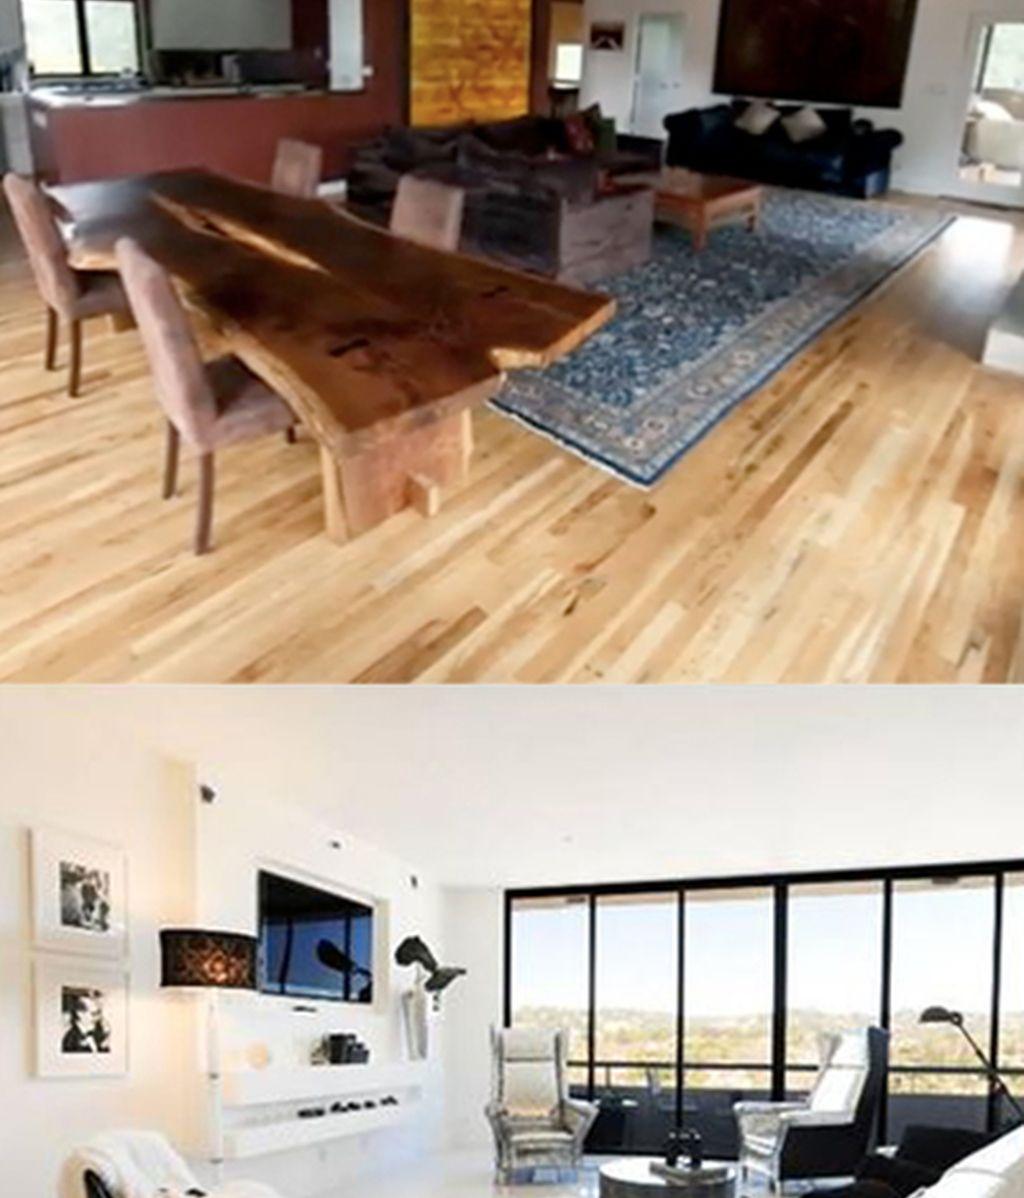 Una comparativa más, sus casas. Arriba la de Pattinson, abajo la de Bieber.